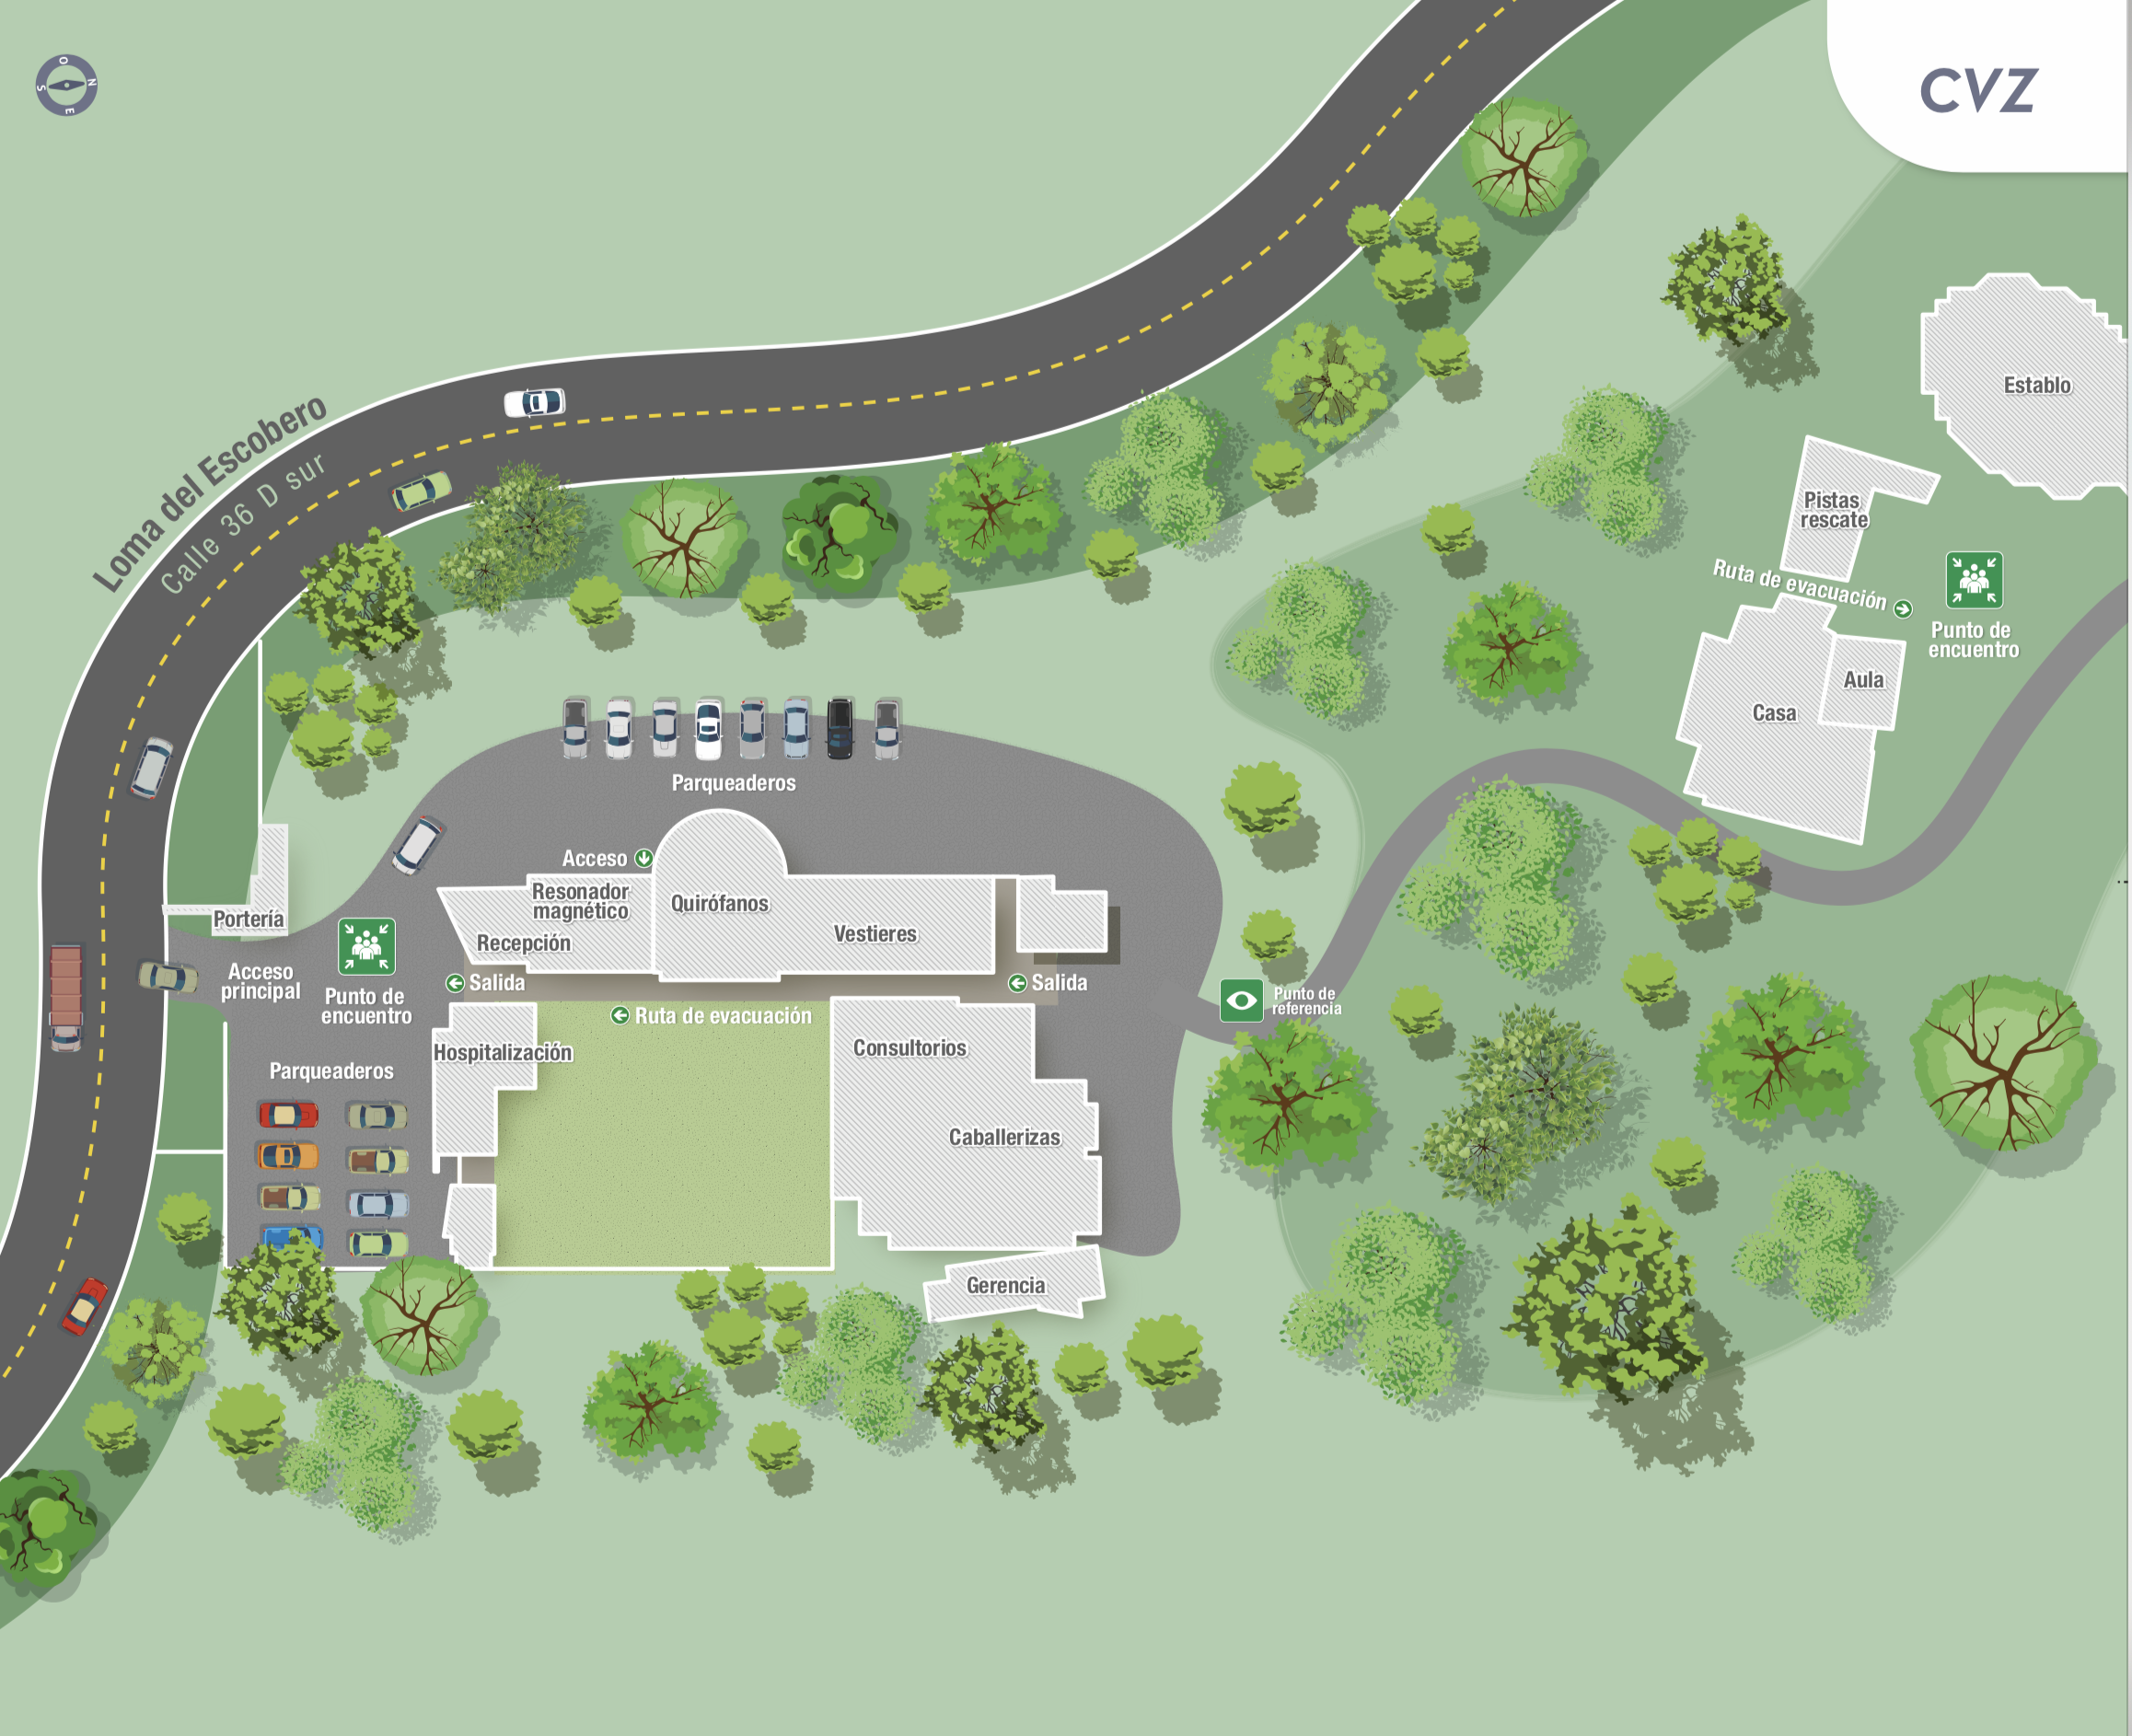 mapa de evacuación Centro de Veterinaria y Zootecnia - CVZ